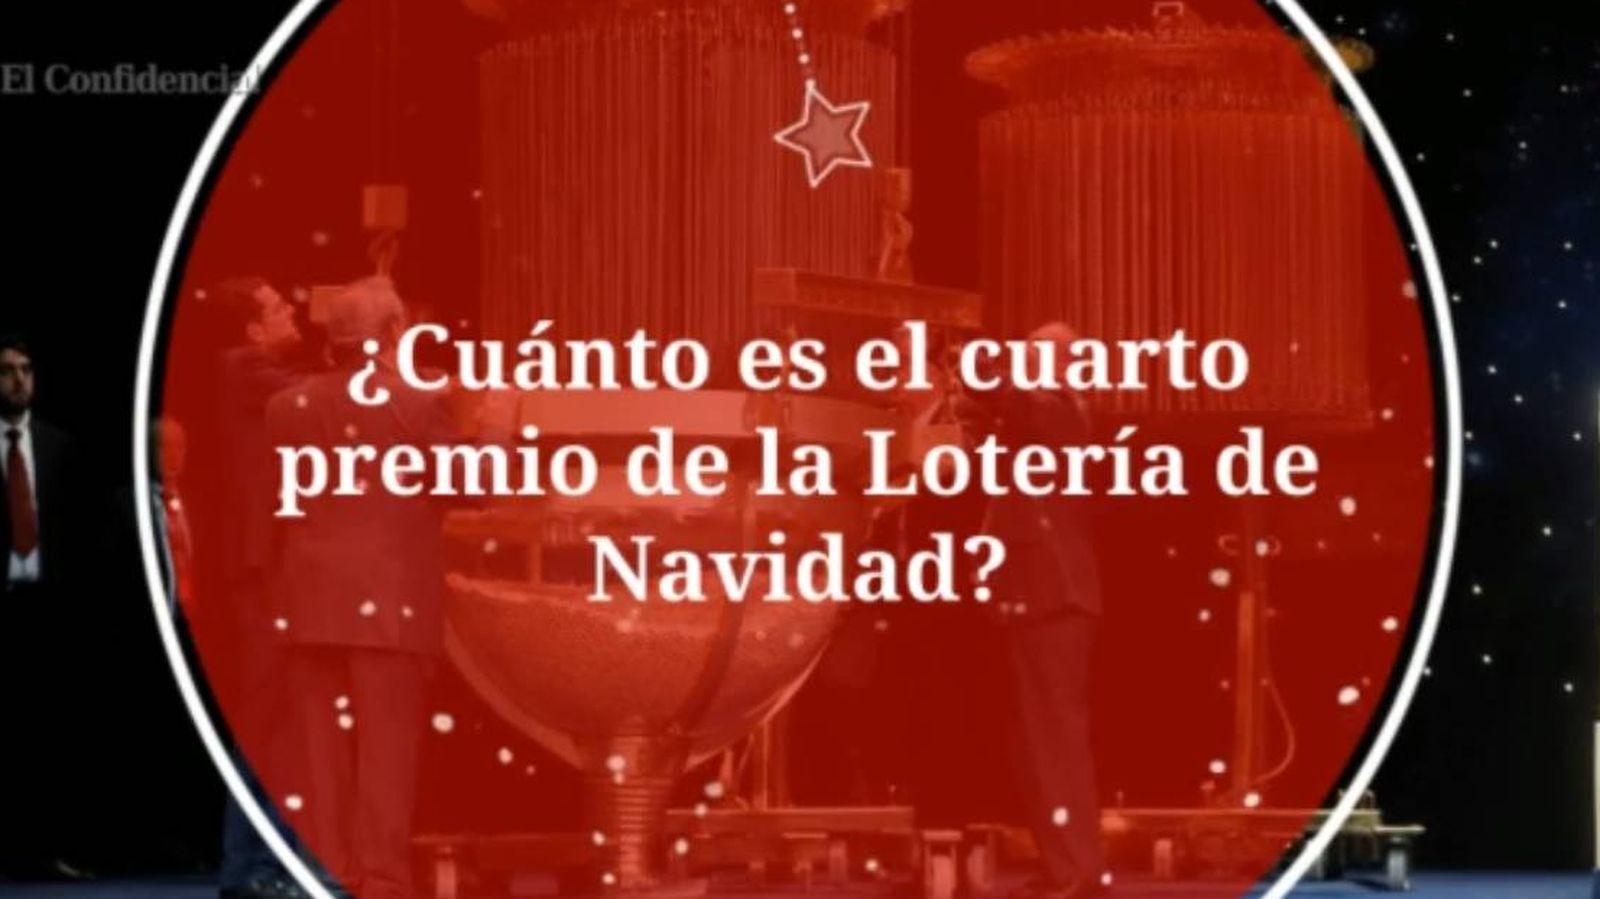 Cuarto premio de la Lotera de Navidad: cuanta y retenciones